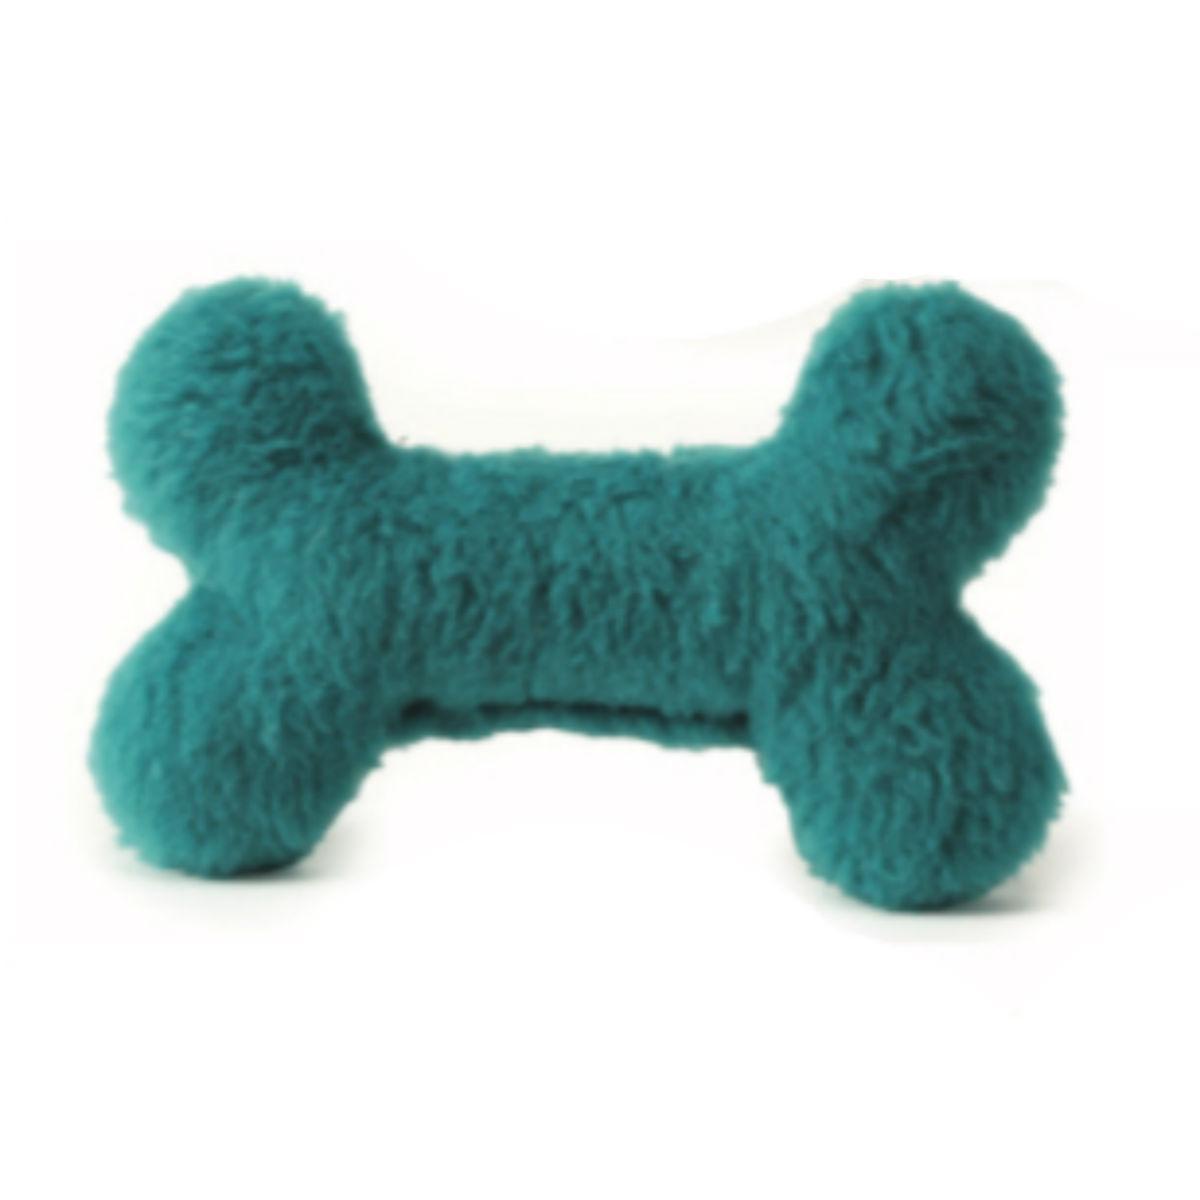 Berber Bone Dog Toy by West Paw - Jewel